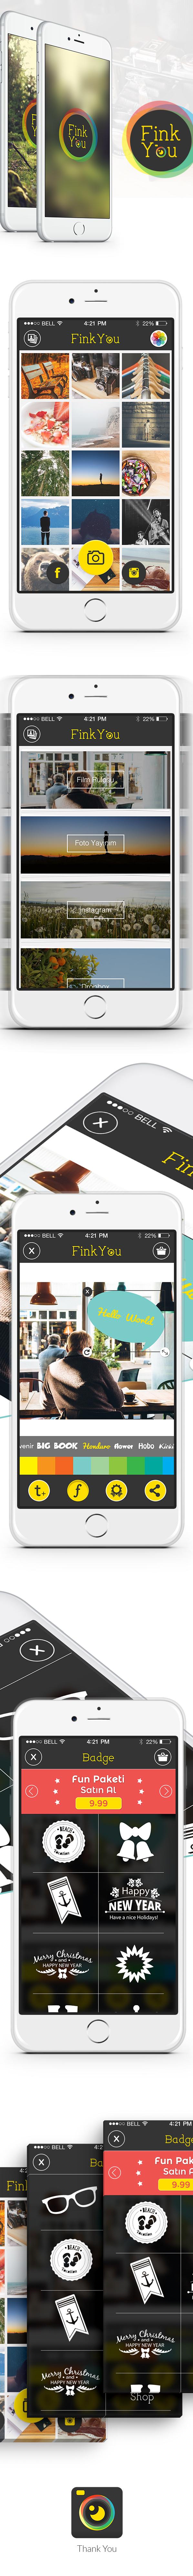 Fink You App